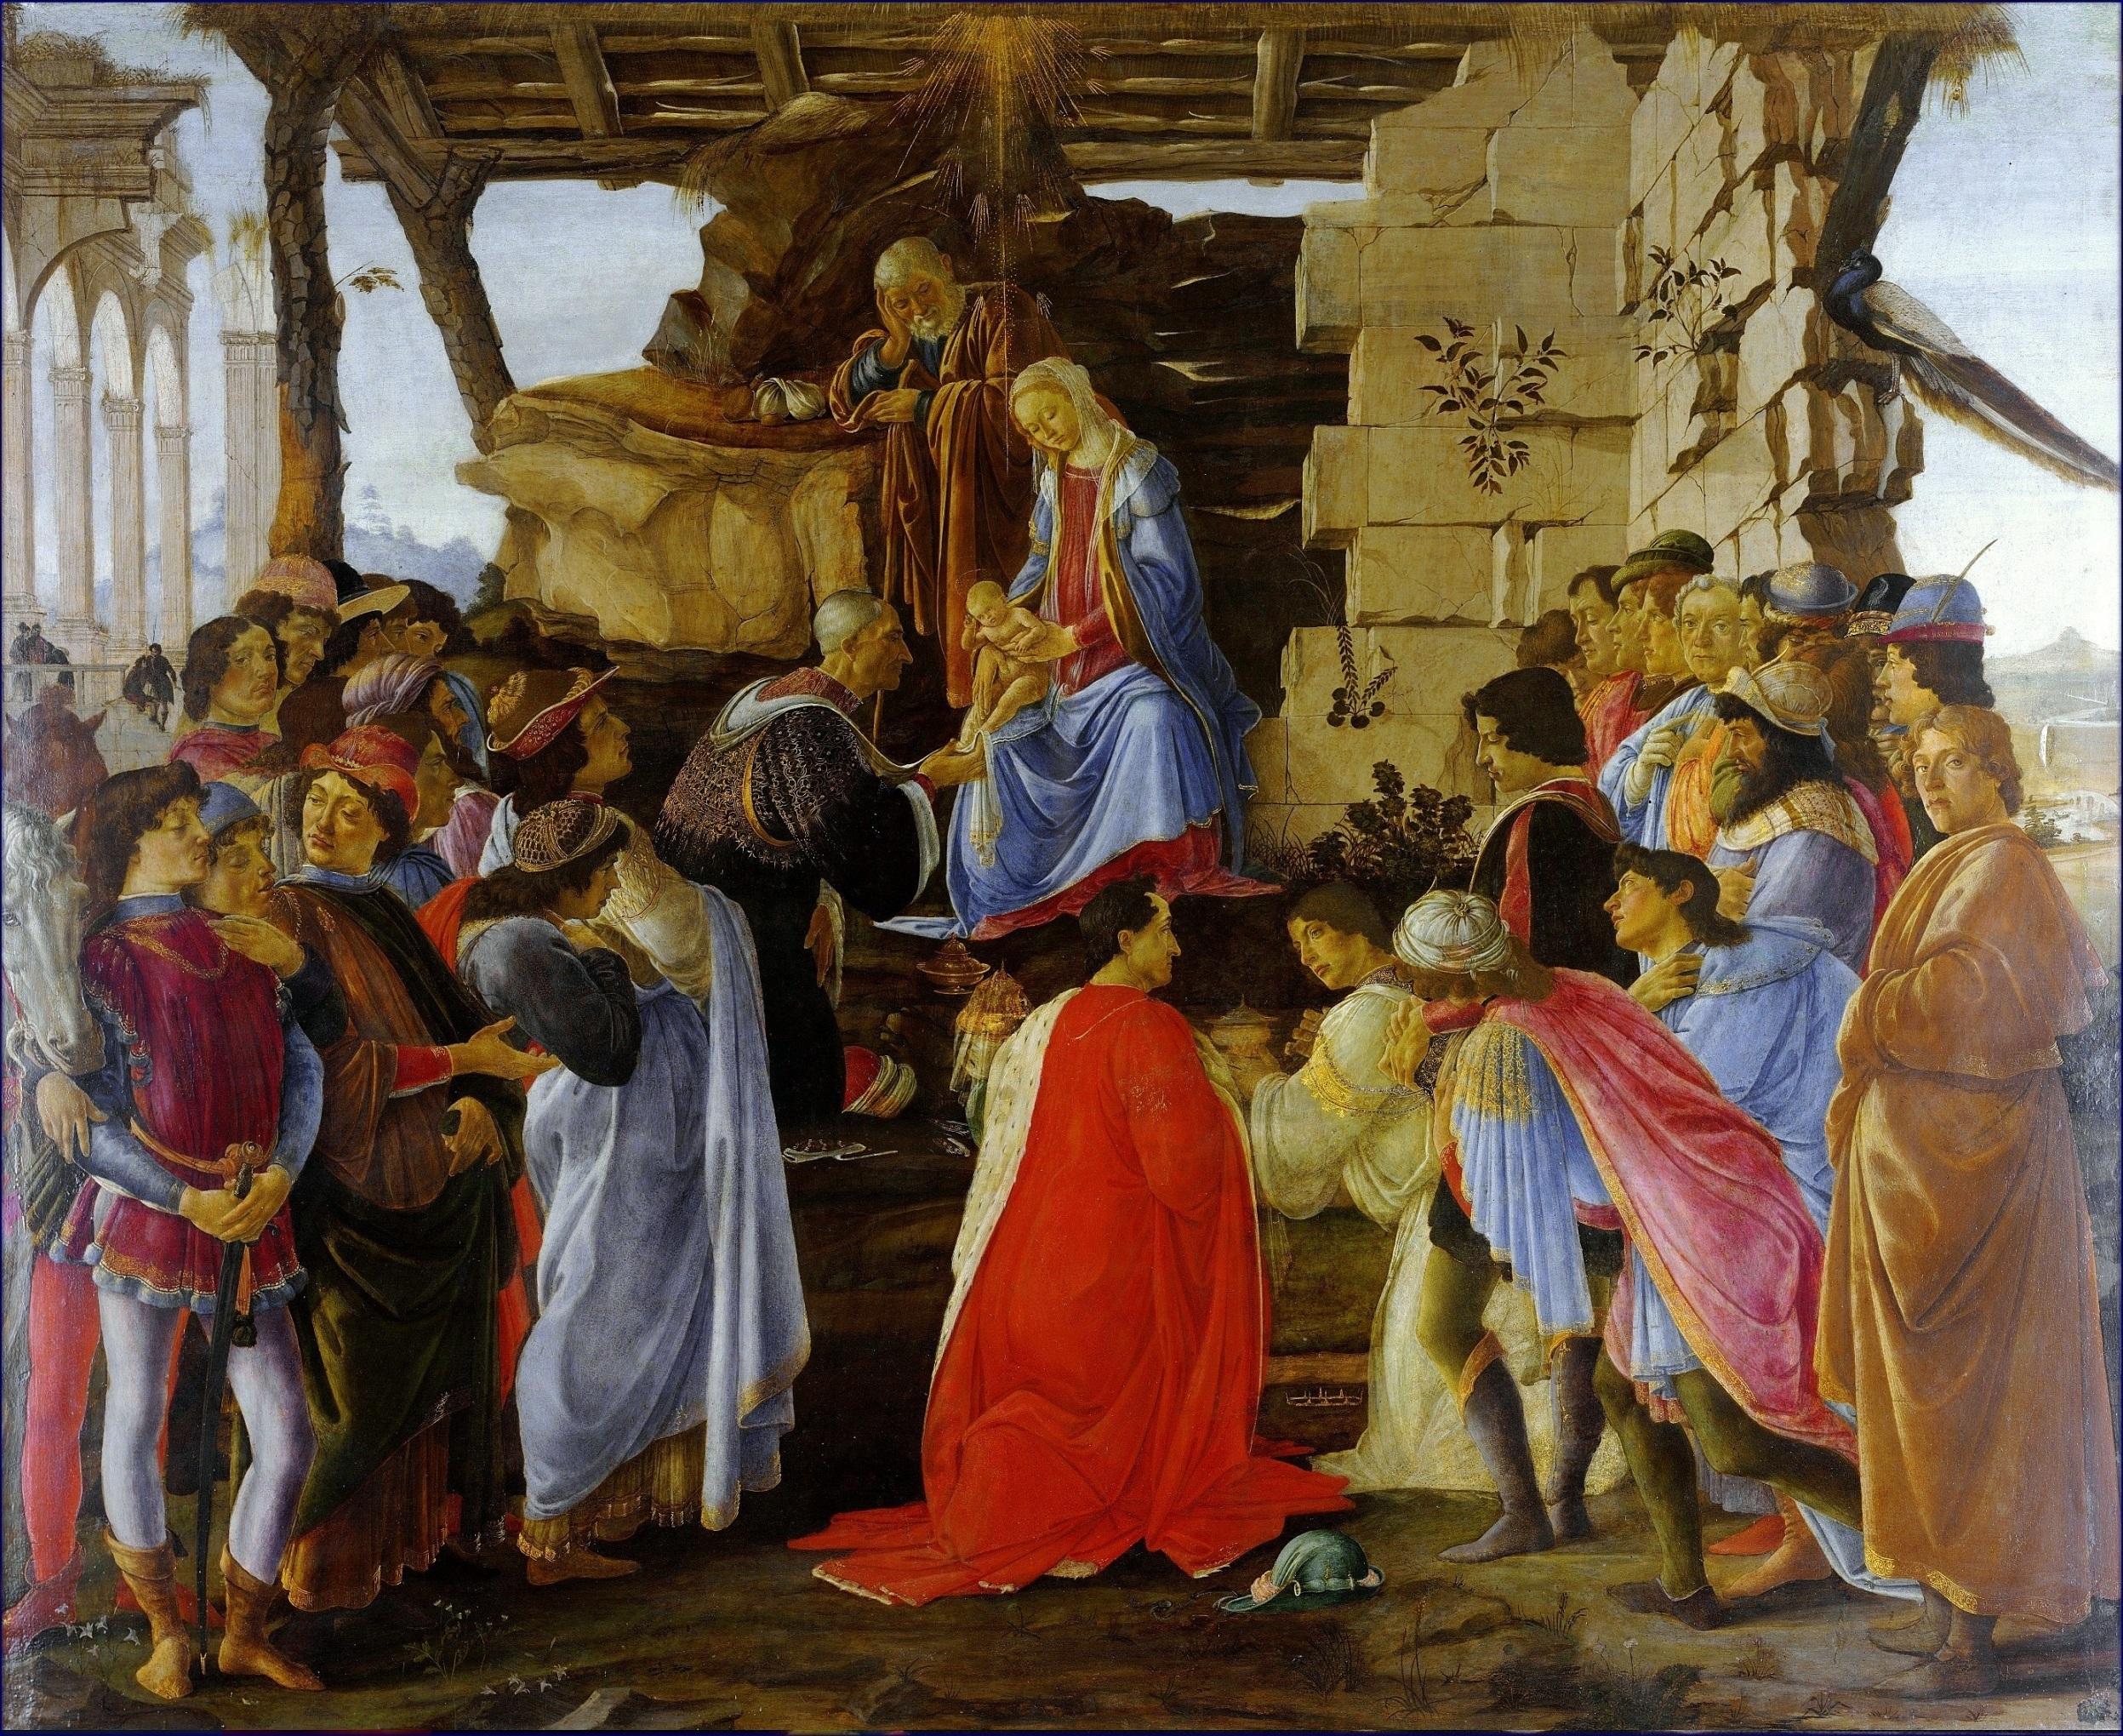 Поклонение волхвов. Алтарь Заноби. Боттичелли.Botticelli Adoration of the Magi....jpg